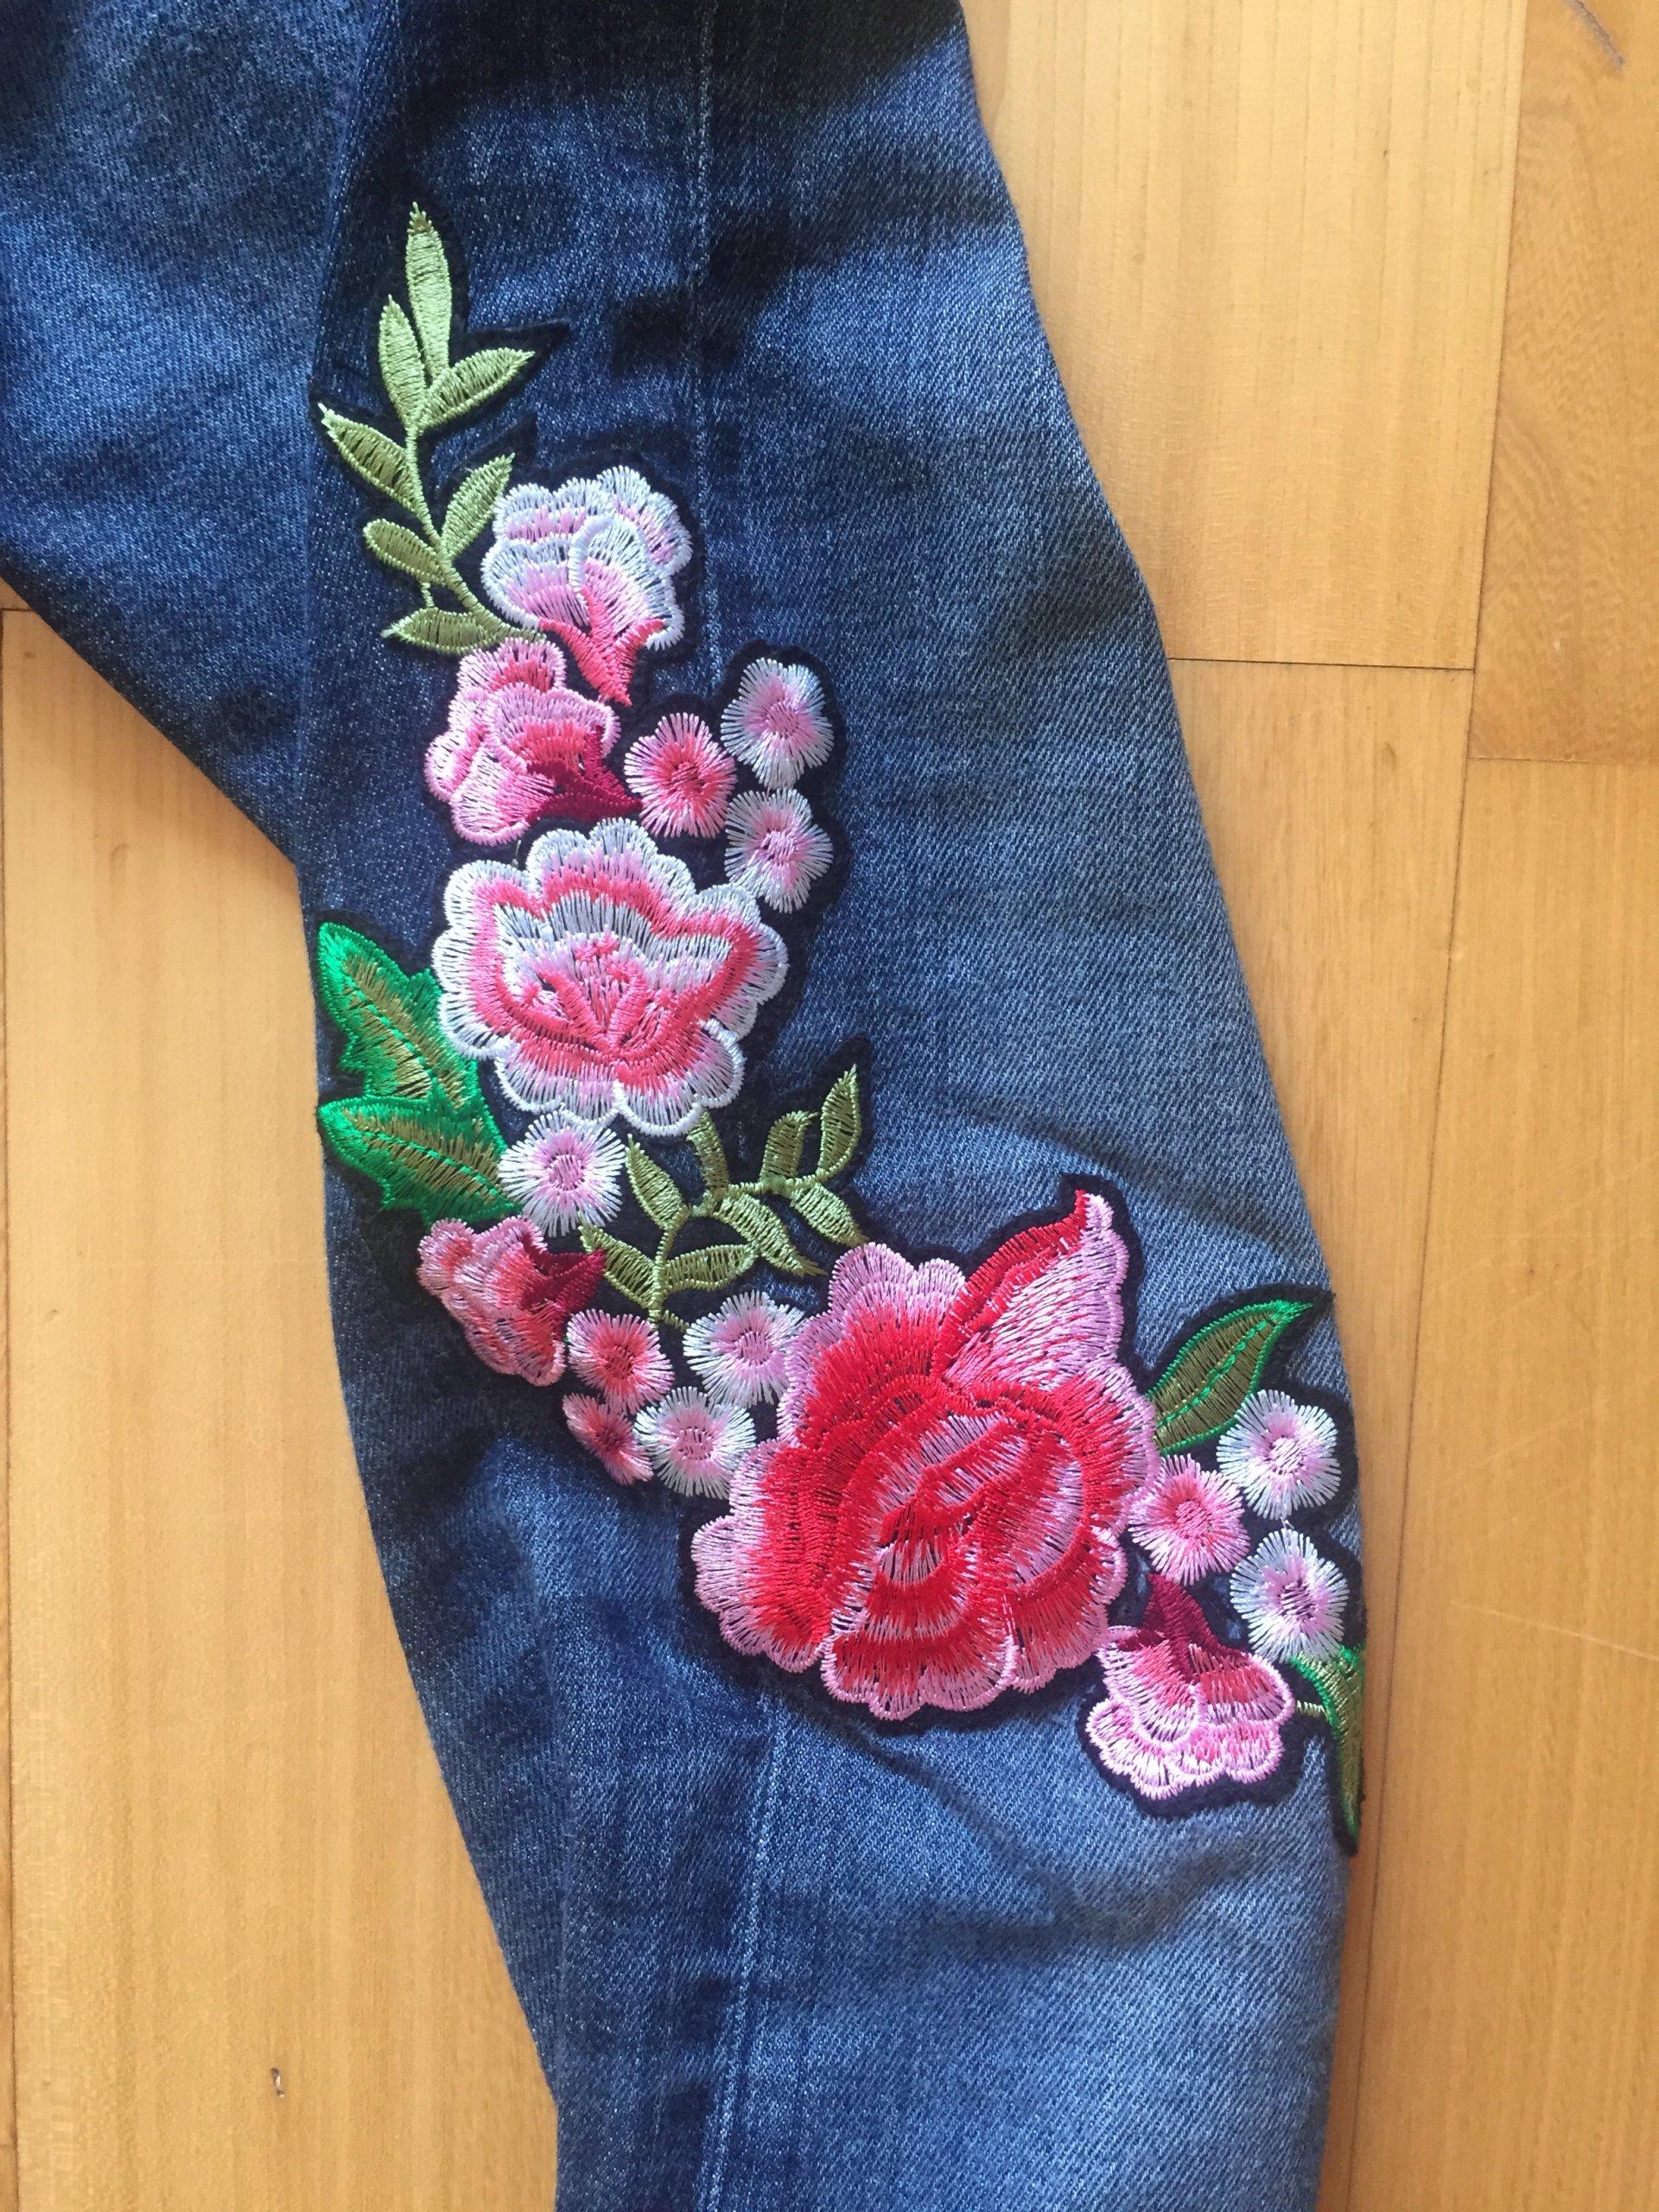 3b588efb ZARA jeansy hafty kwiaty 36 S - 7380575892 - oficjalne archiwum allegro